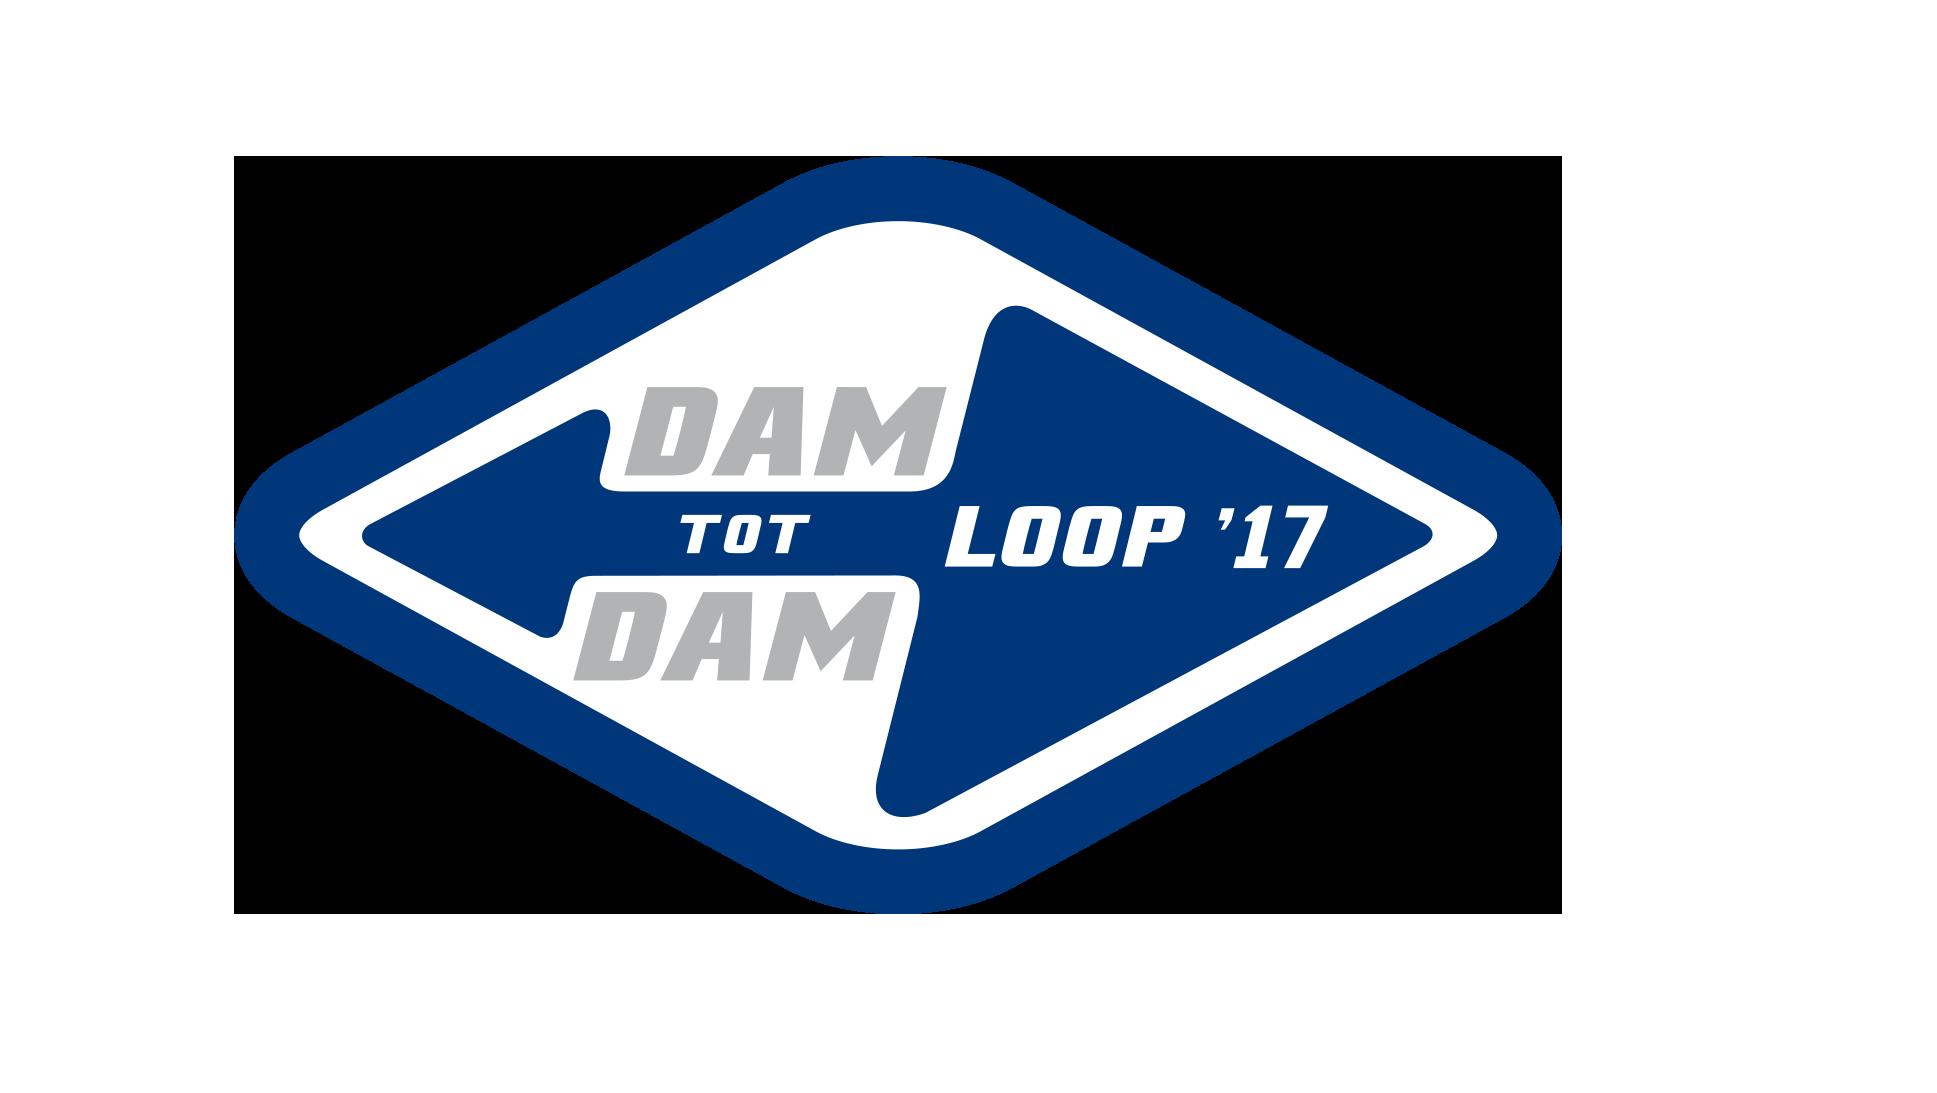 Medewerkers ZDG Nemen Deel Aan Dam Tot Damloop